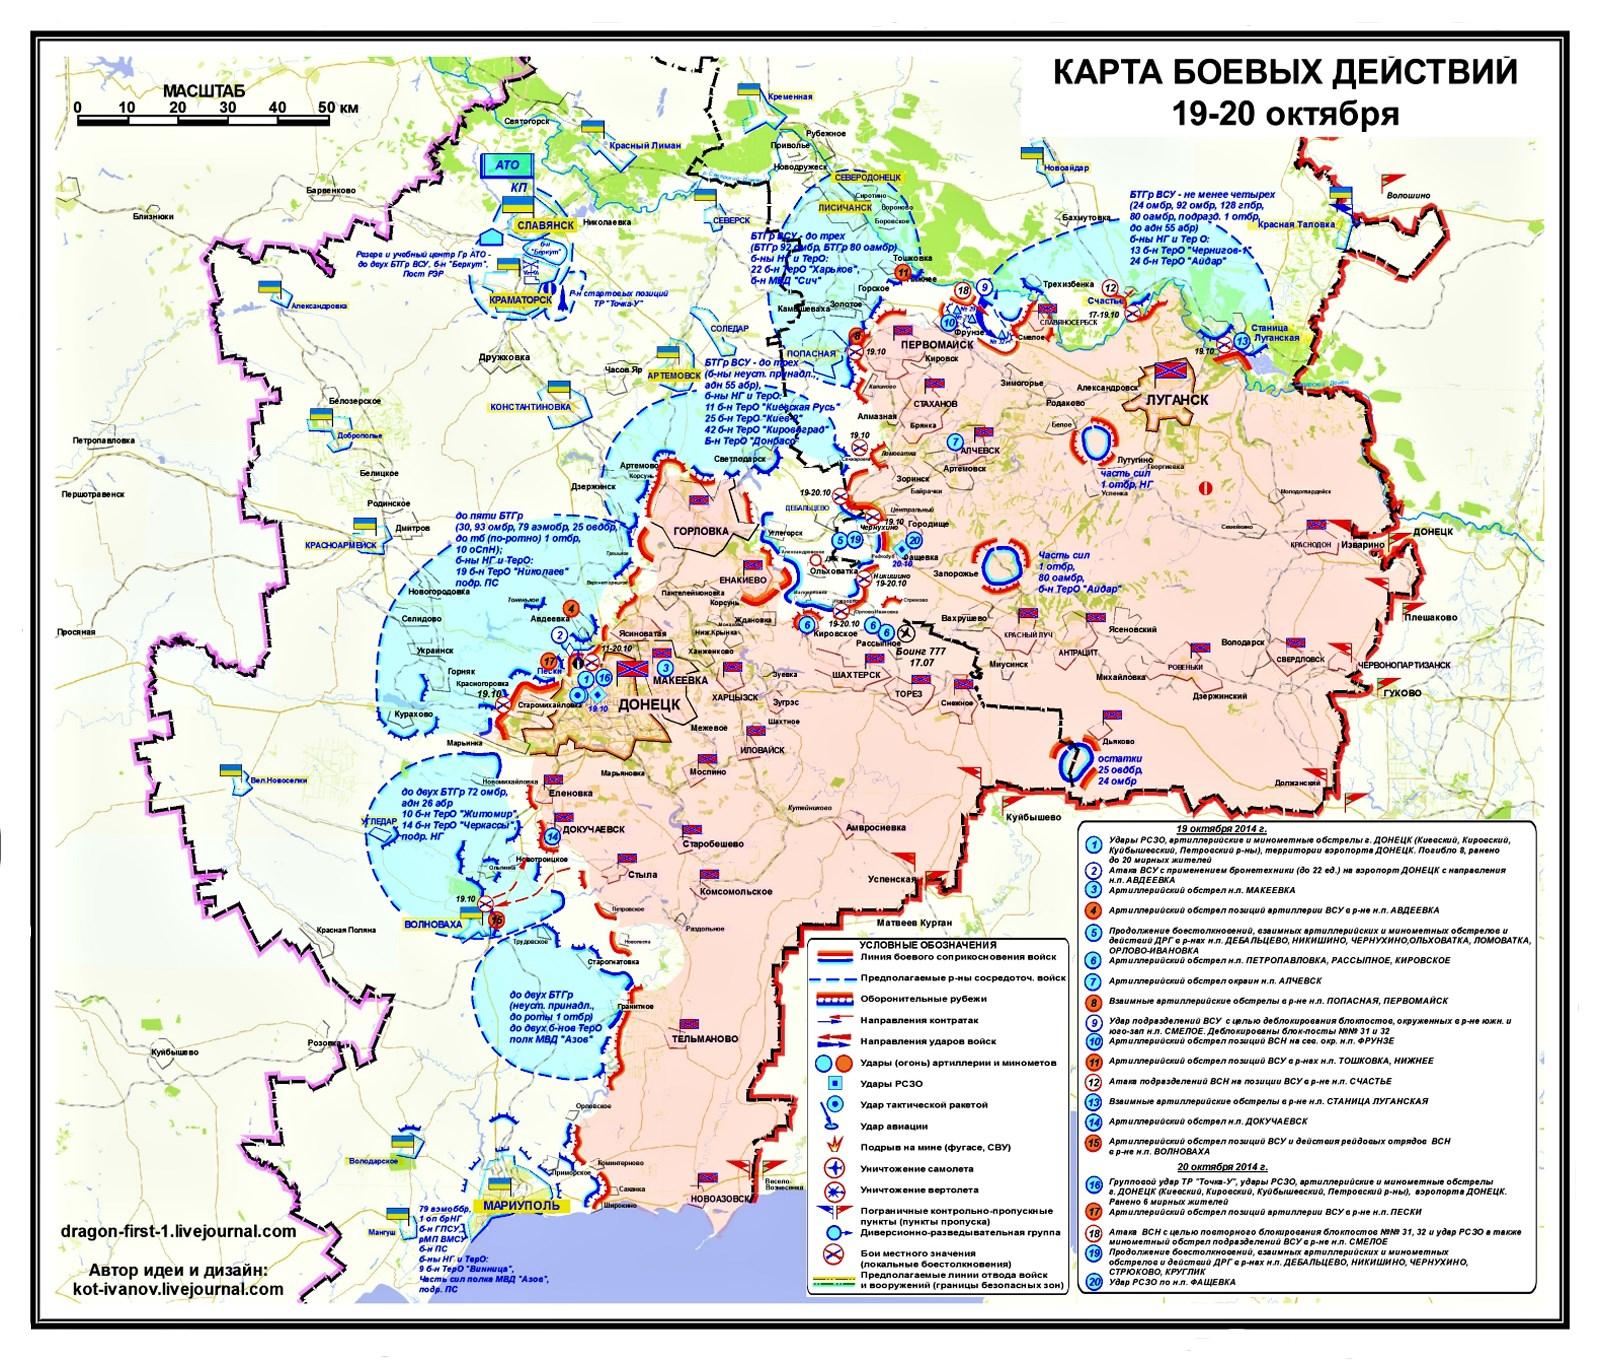 00 novorossiya. sitrep map 01. 20.10.14